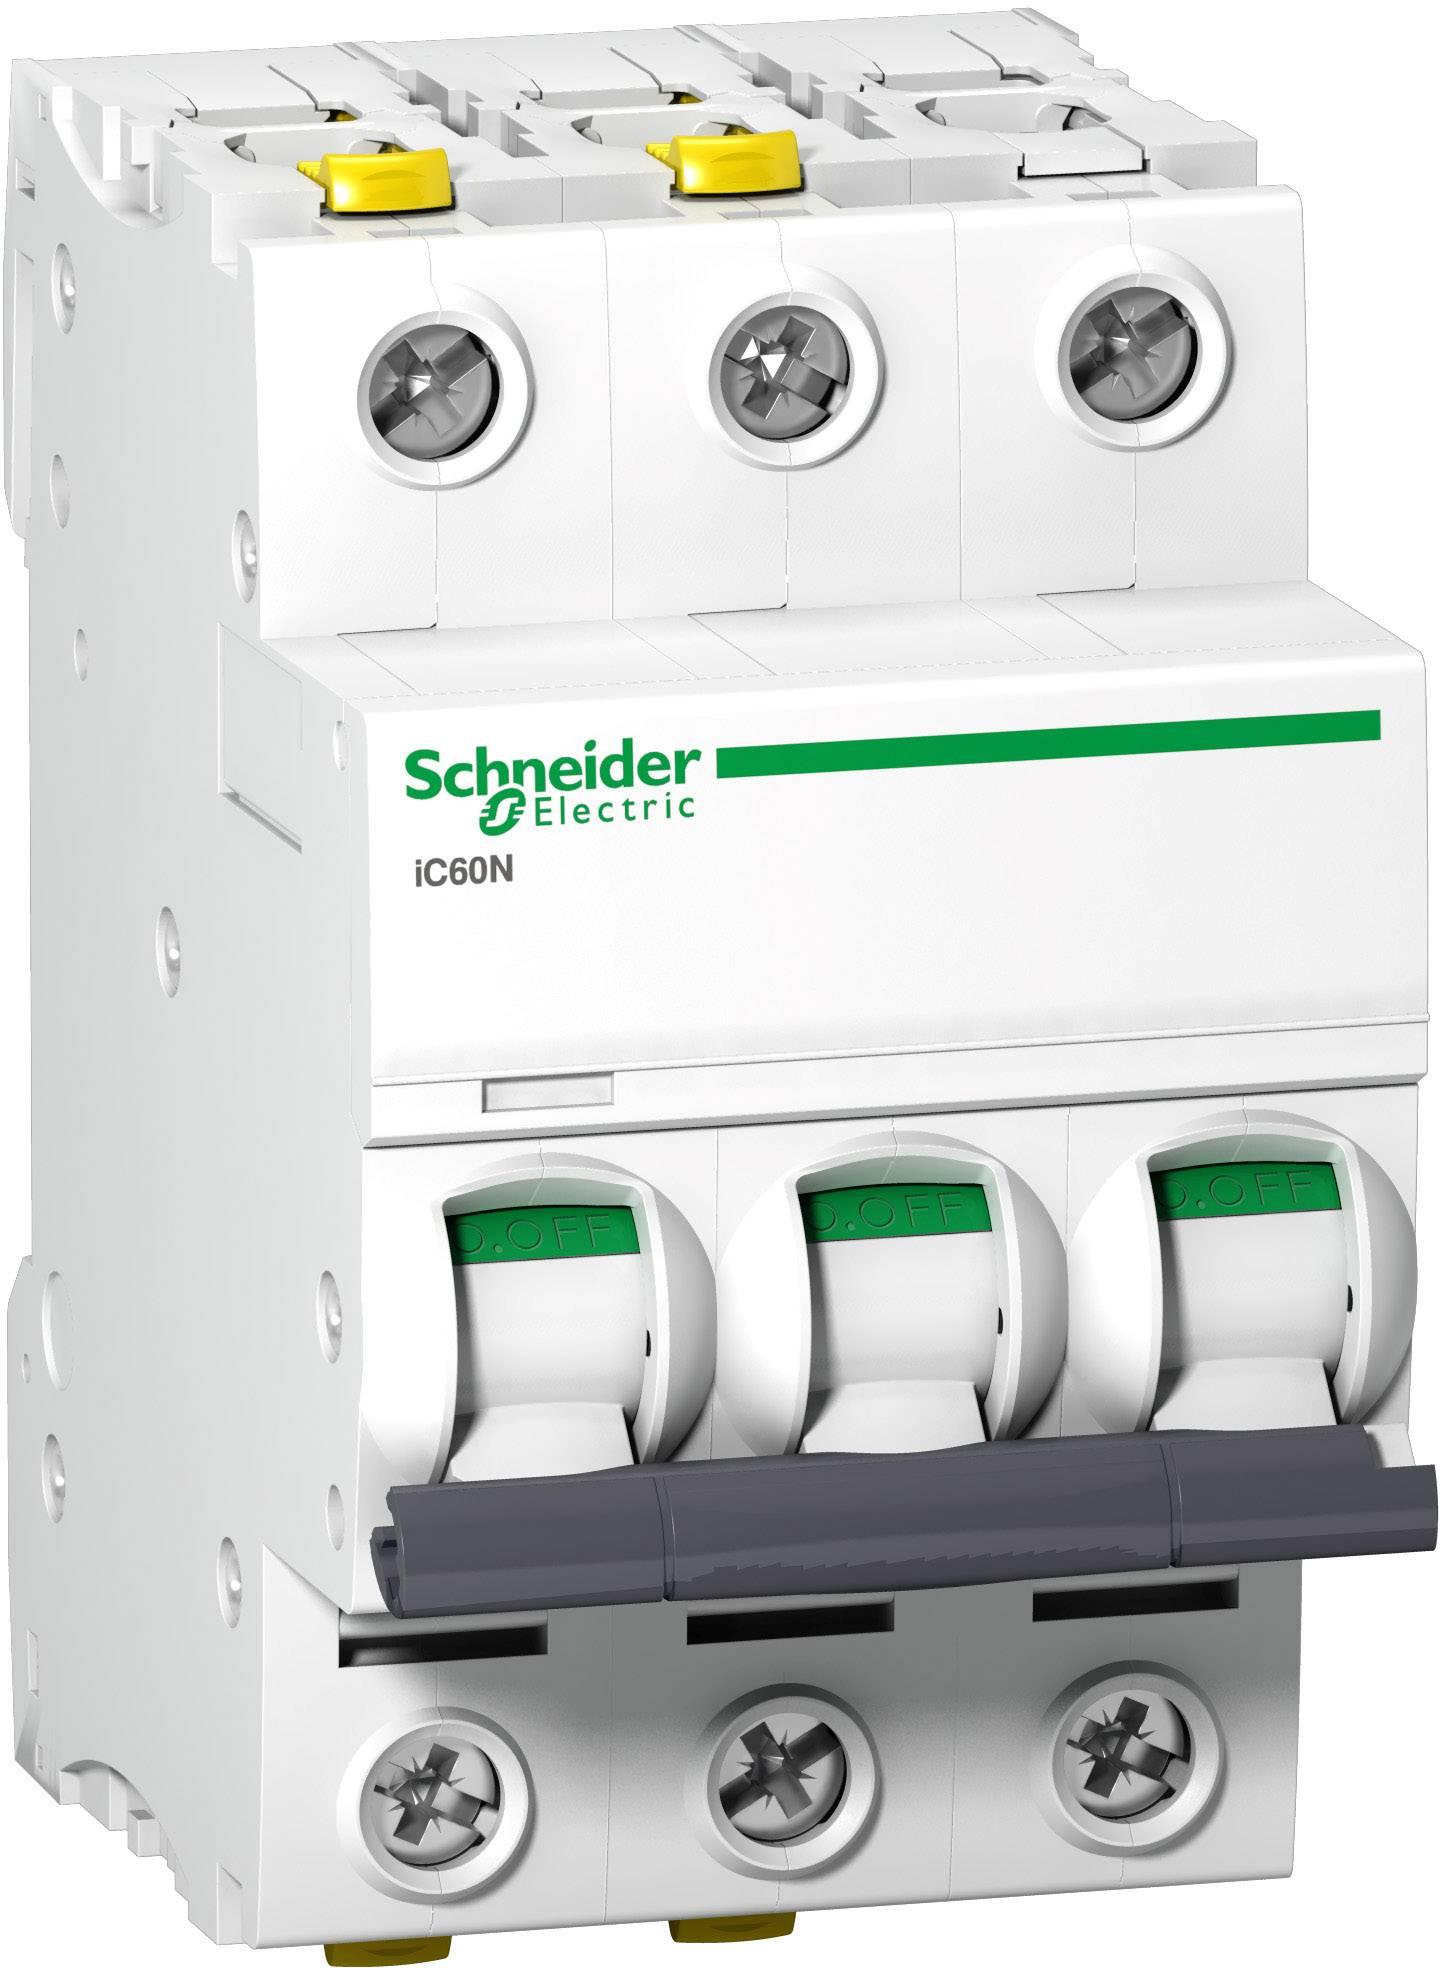 Elektrický jistič Schneider Electric A9F03332, 32 A, 400 V